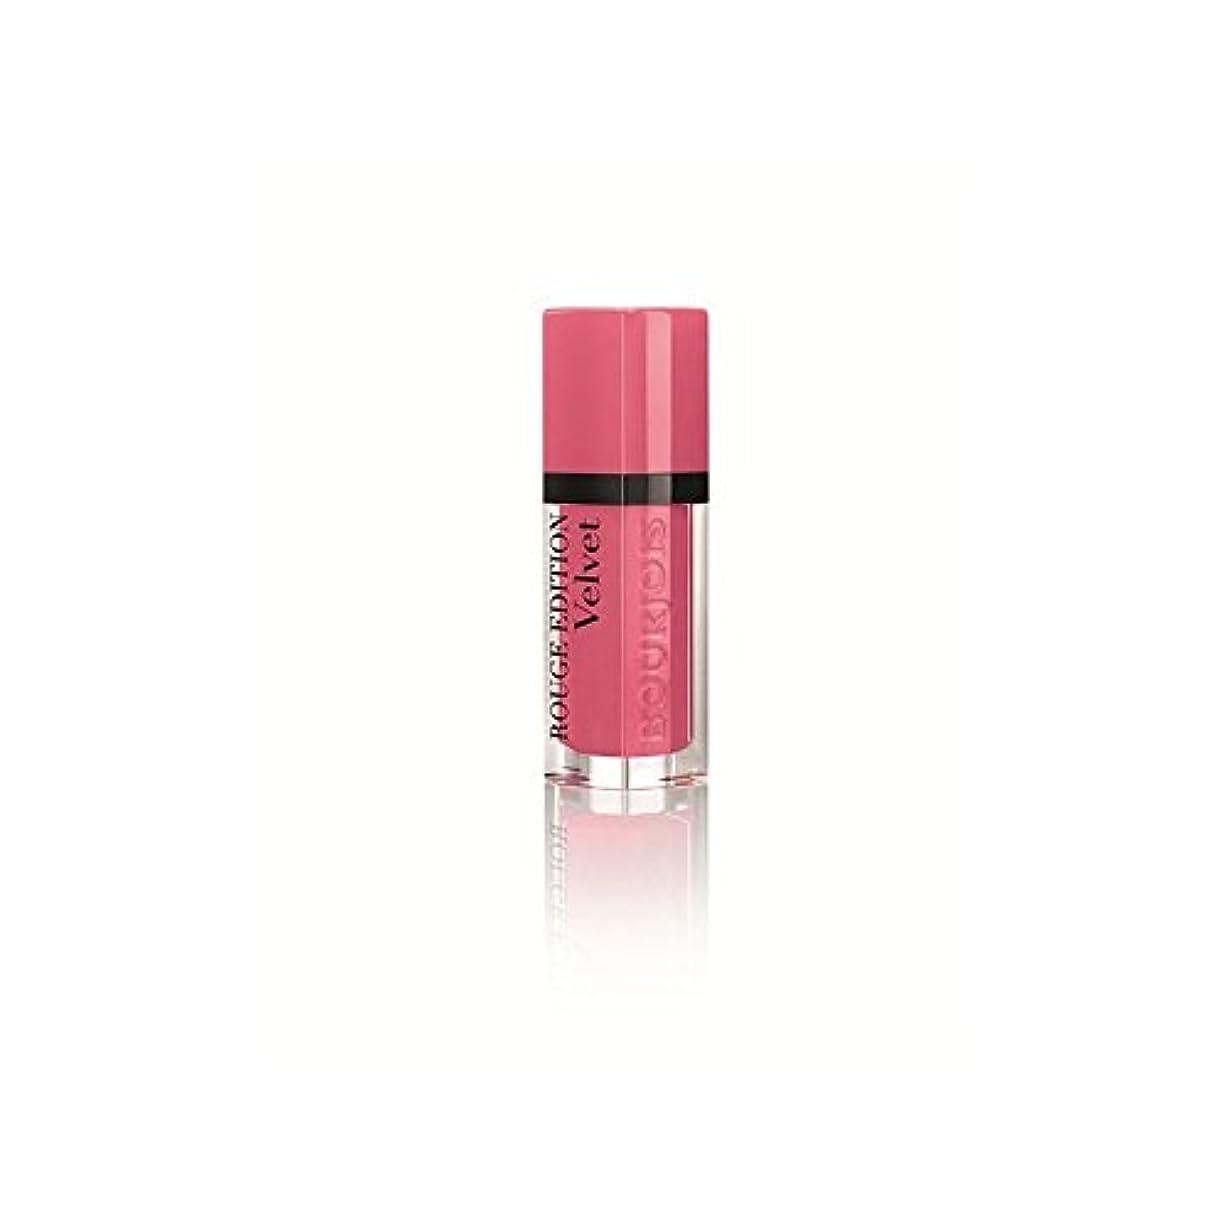 はぁ小包ダーベビルのテスBourjois Rouge Edition Velvet Lipstick So Hap'pink 11-11そう'ブルジョワルージュ版のベルベットの口紅 [並行輸入品]